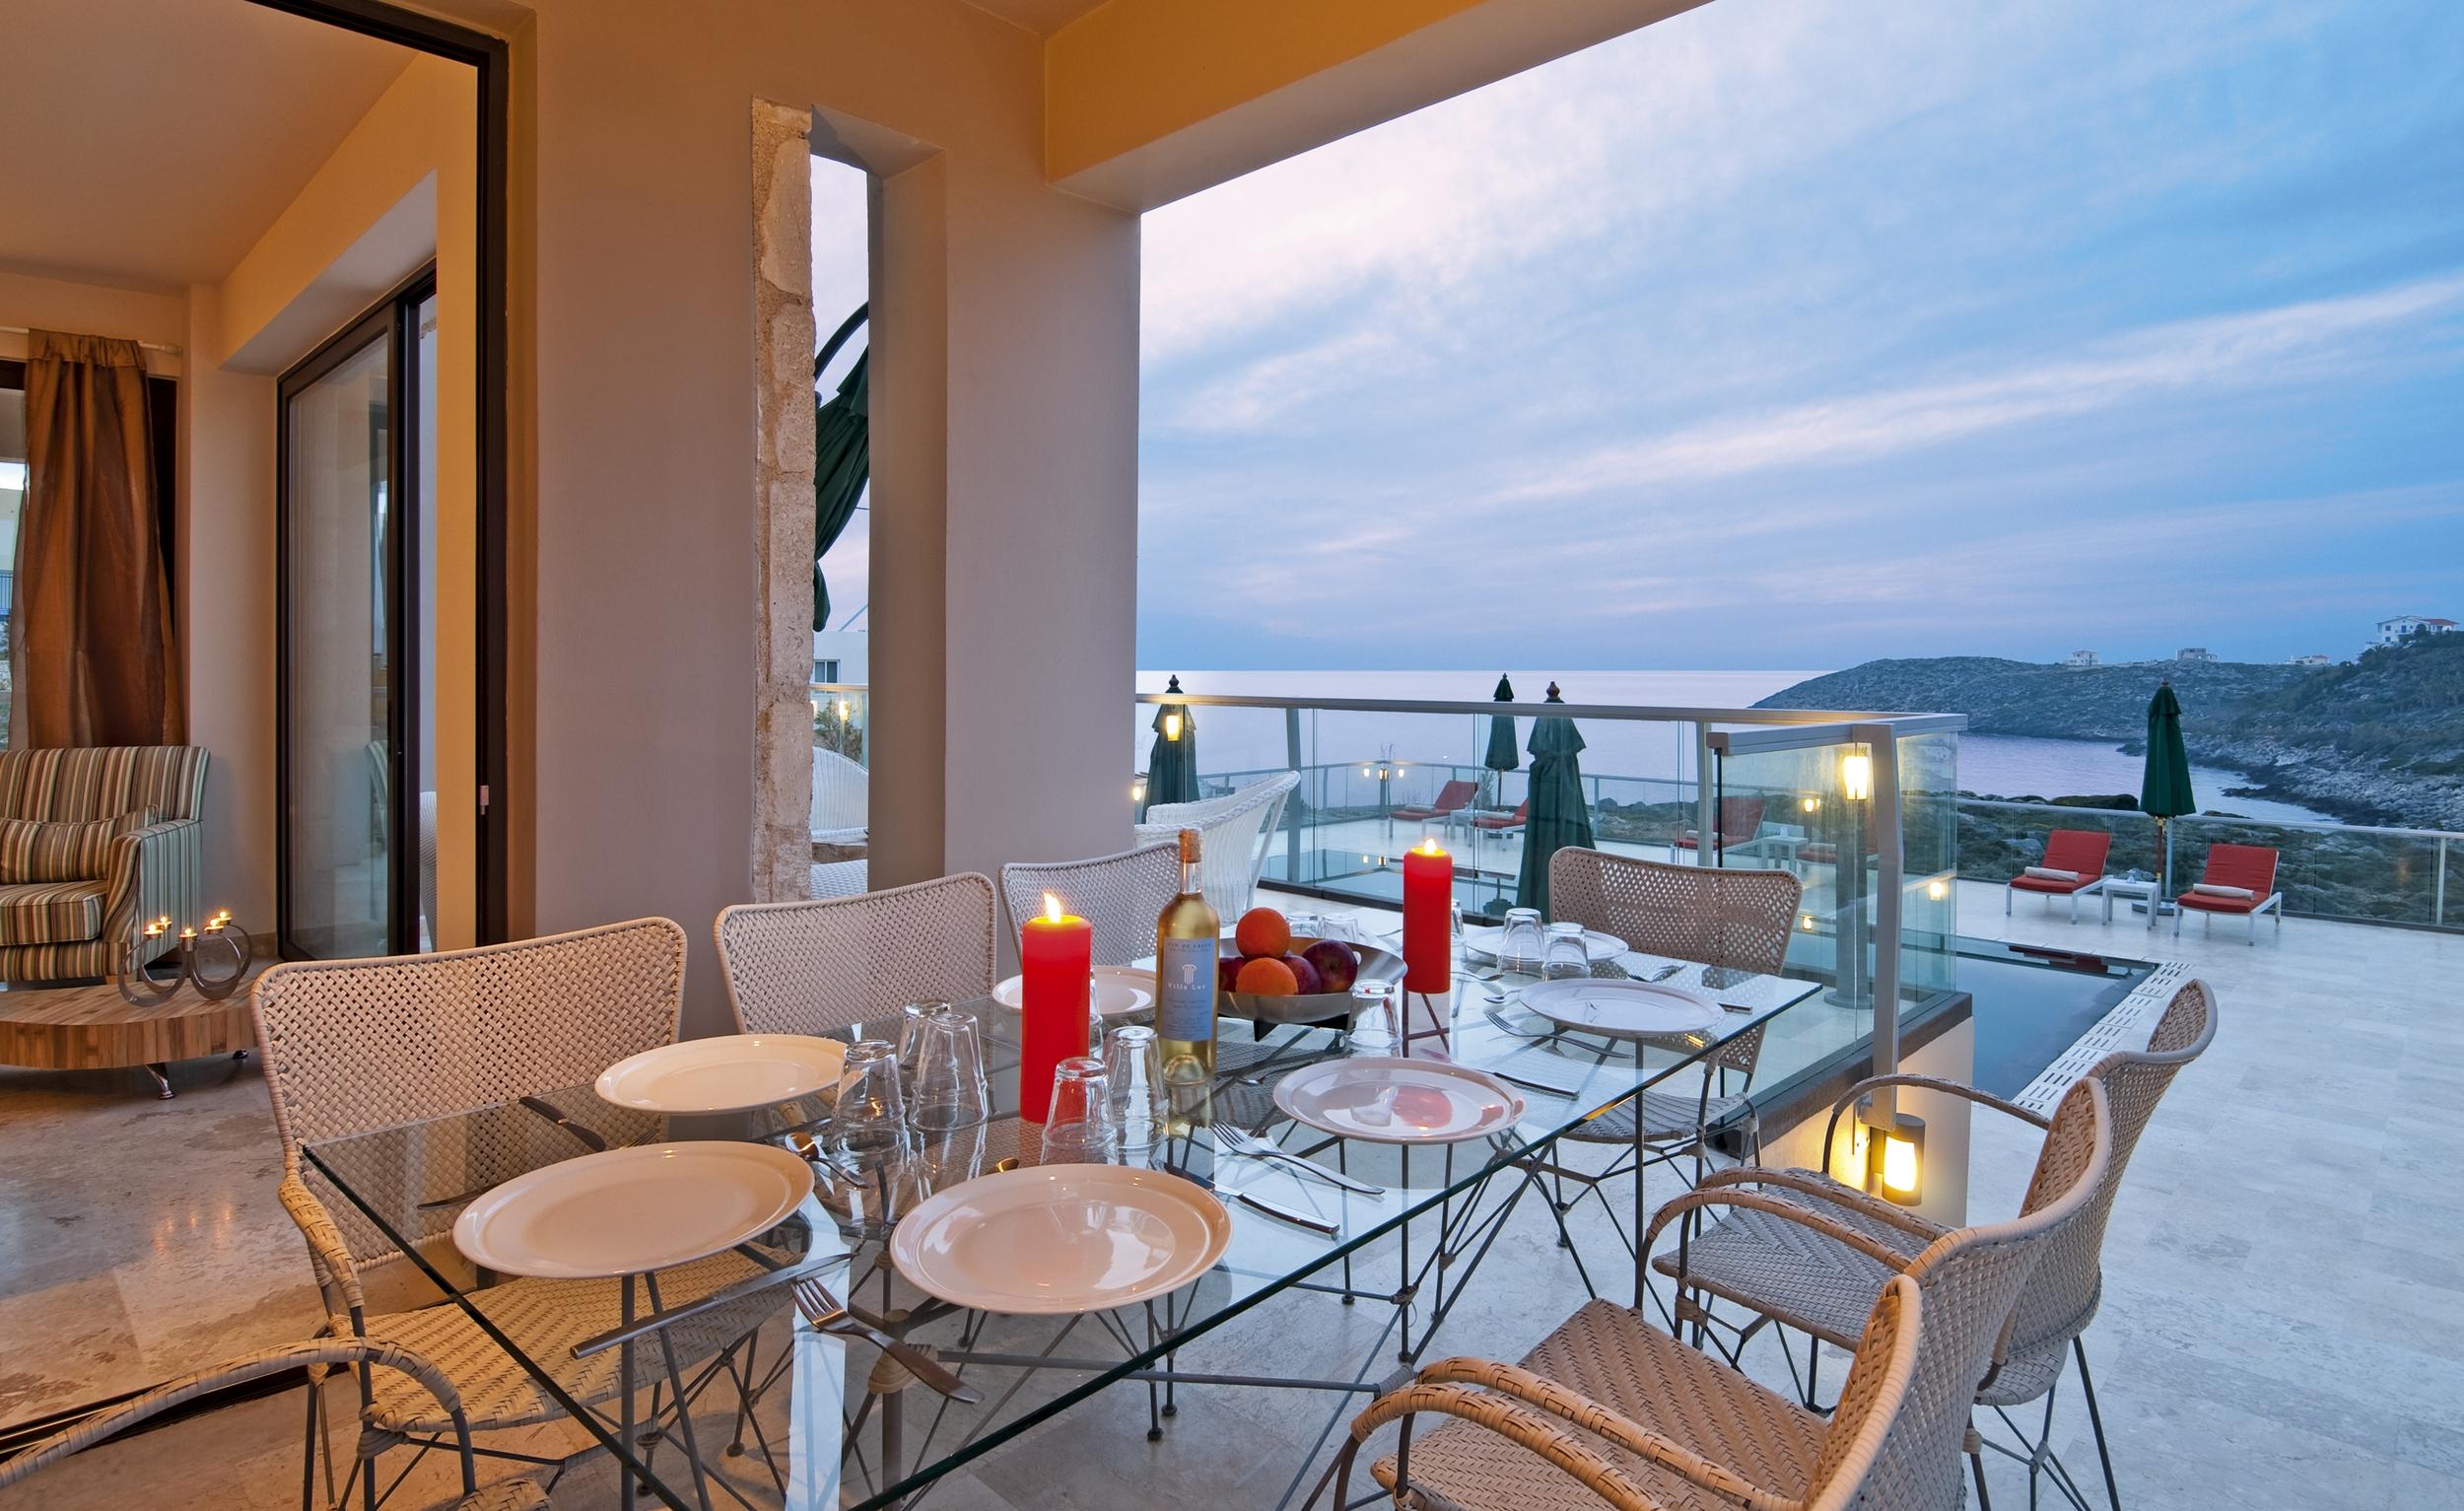 hotel for sale in crete balcony view